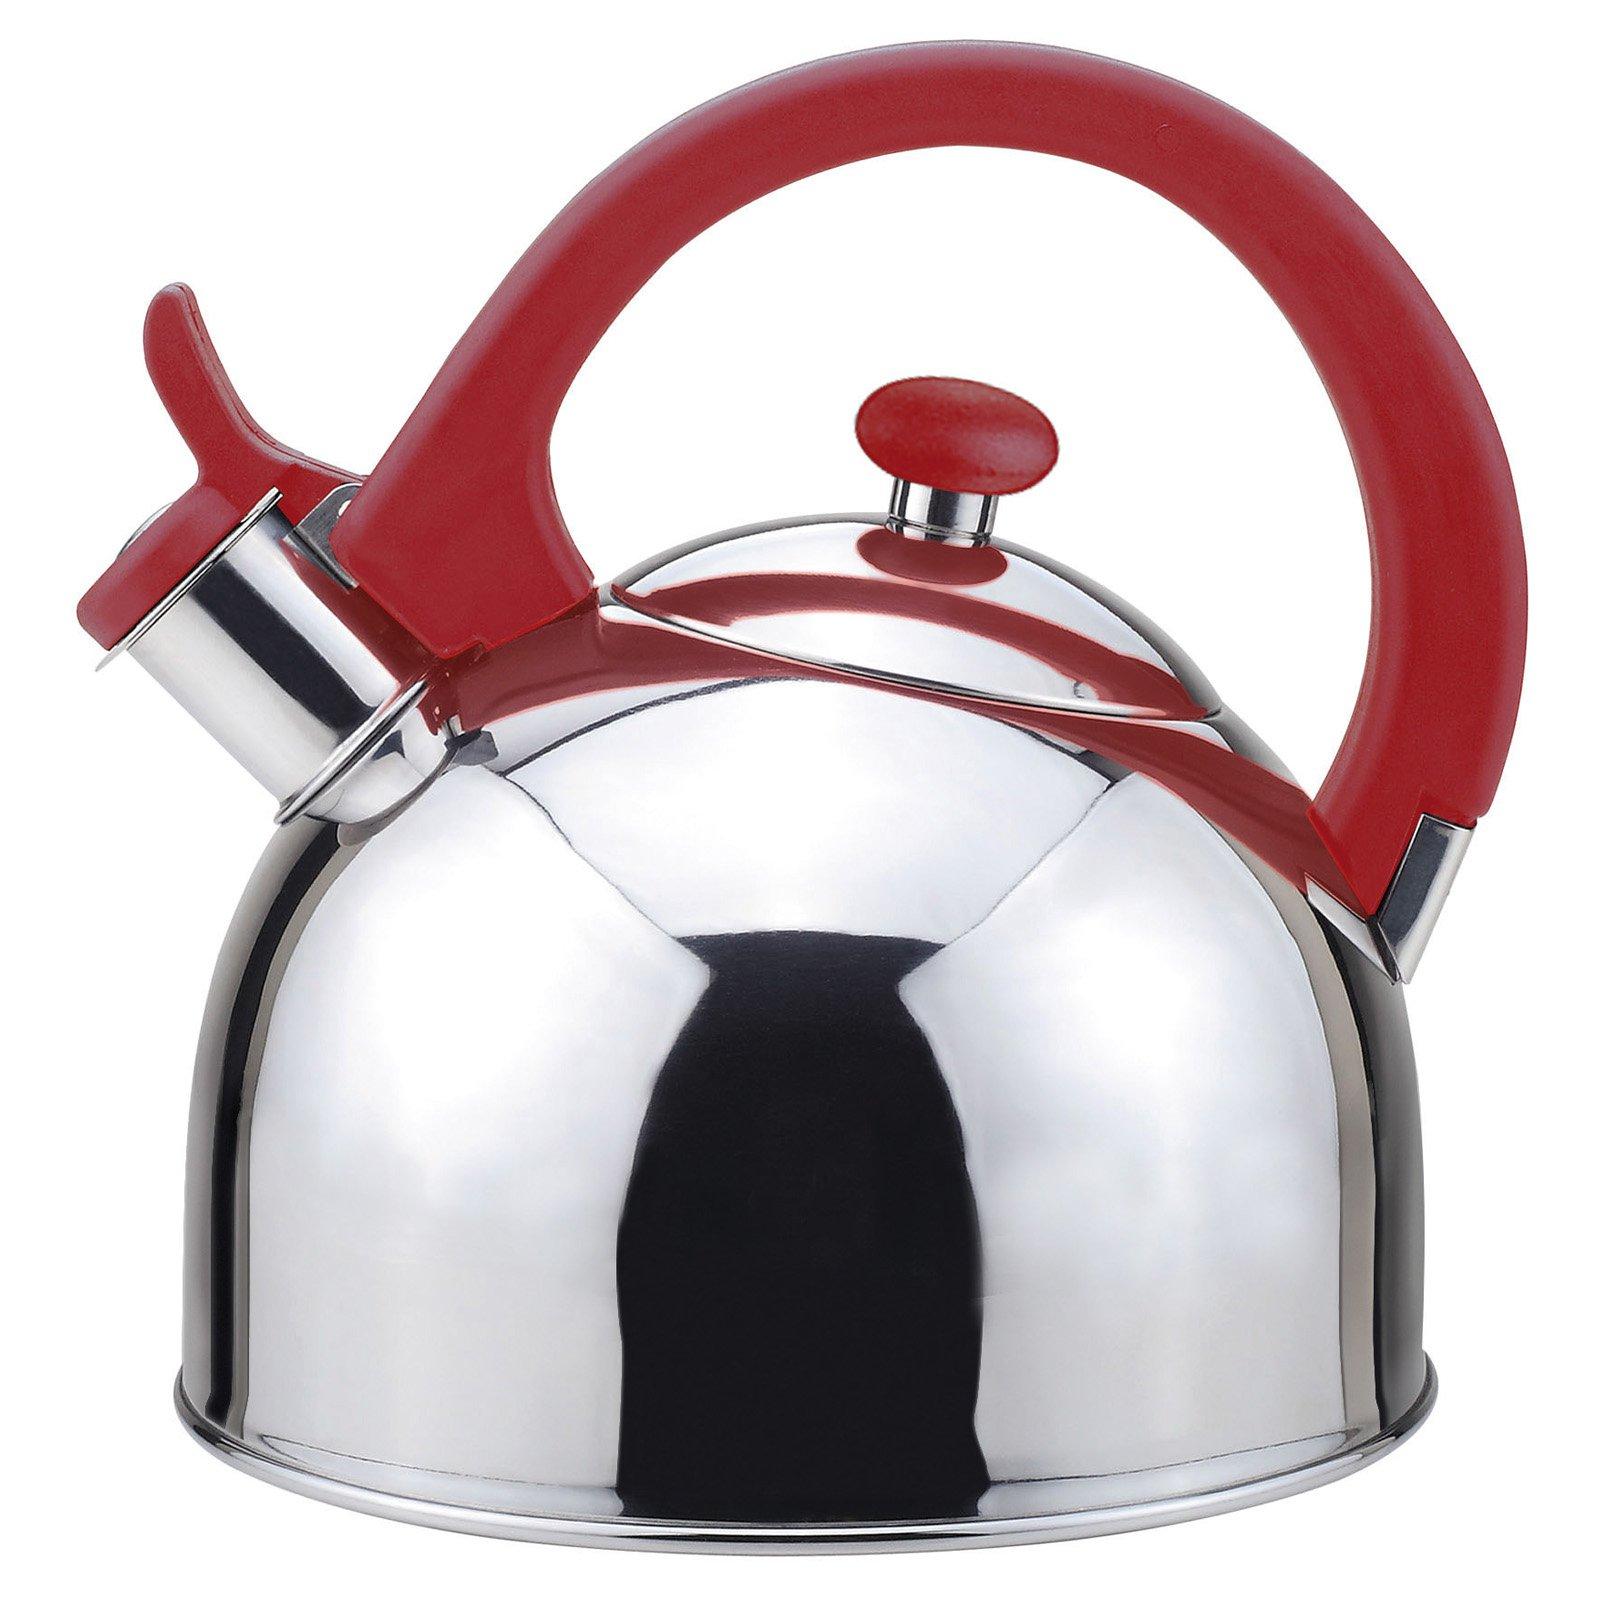 Acacia Stainless Steel Tea Kettle w Red Bakelite Handle